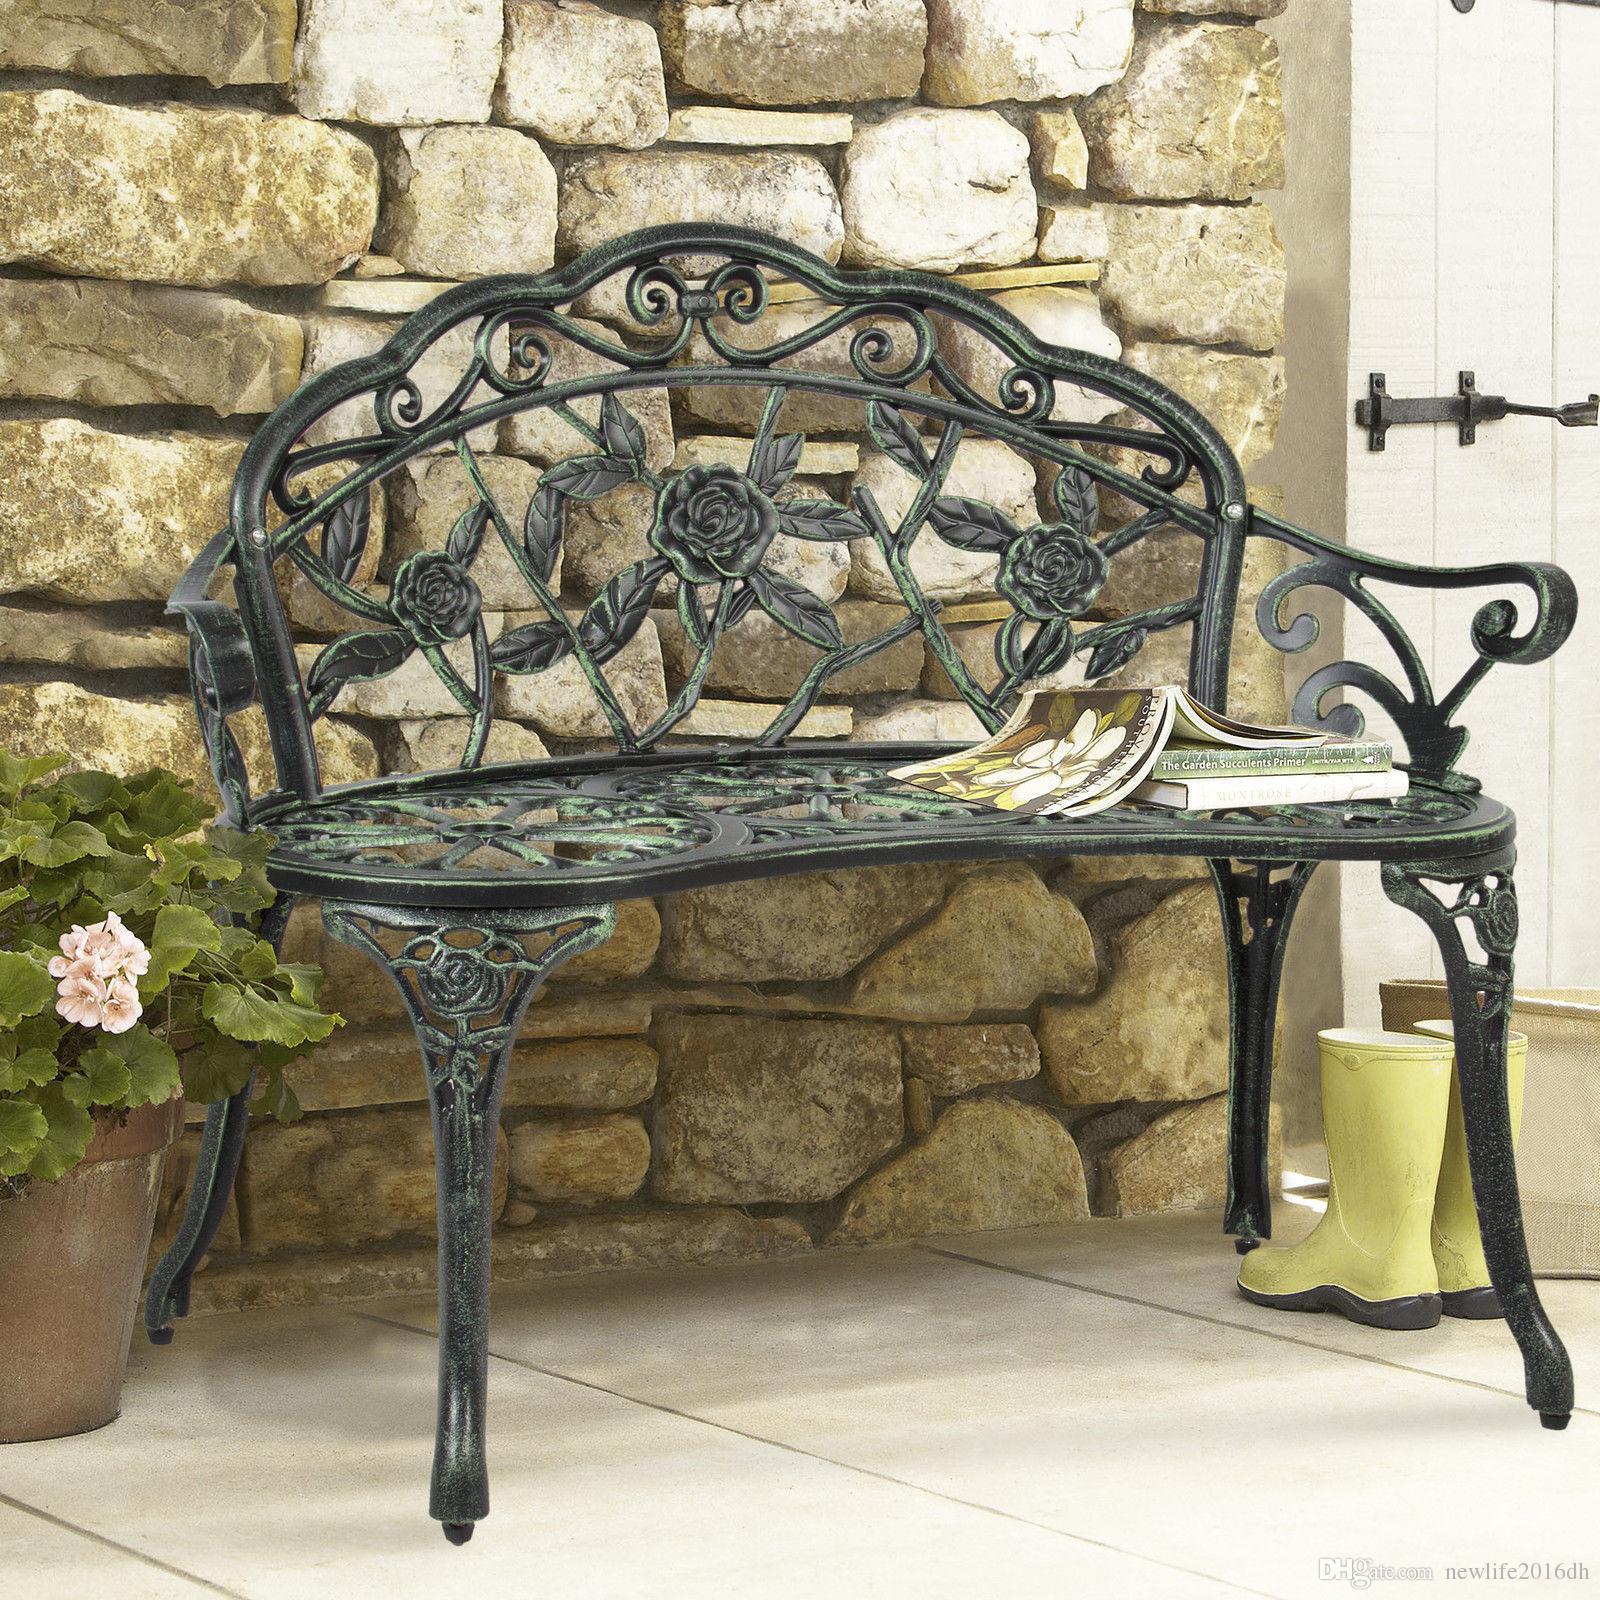 Patio al aire libre Banco de jardín Parque Patio Muebles de hierro fundido  Antique Rose Design